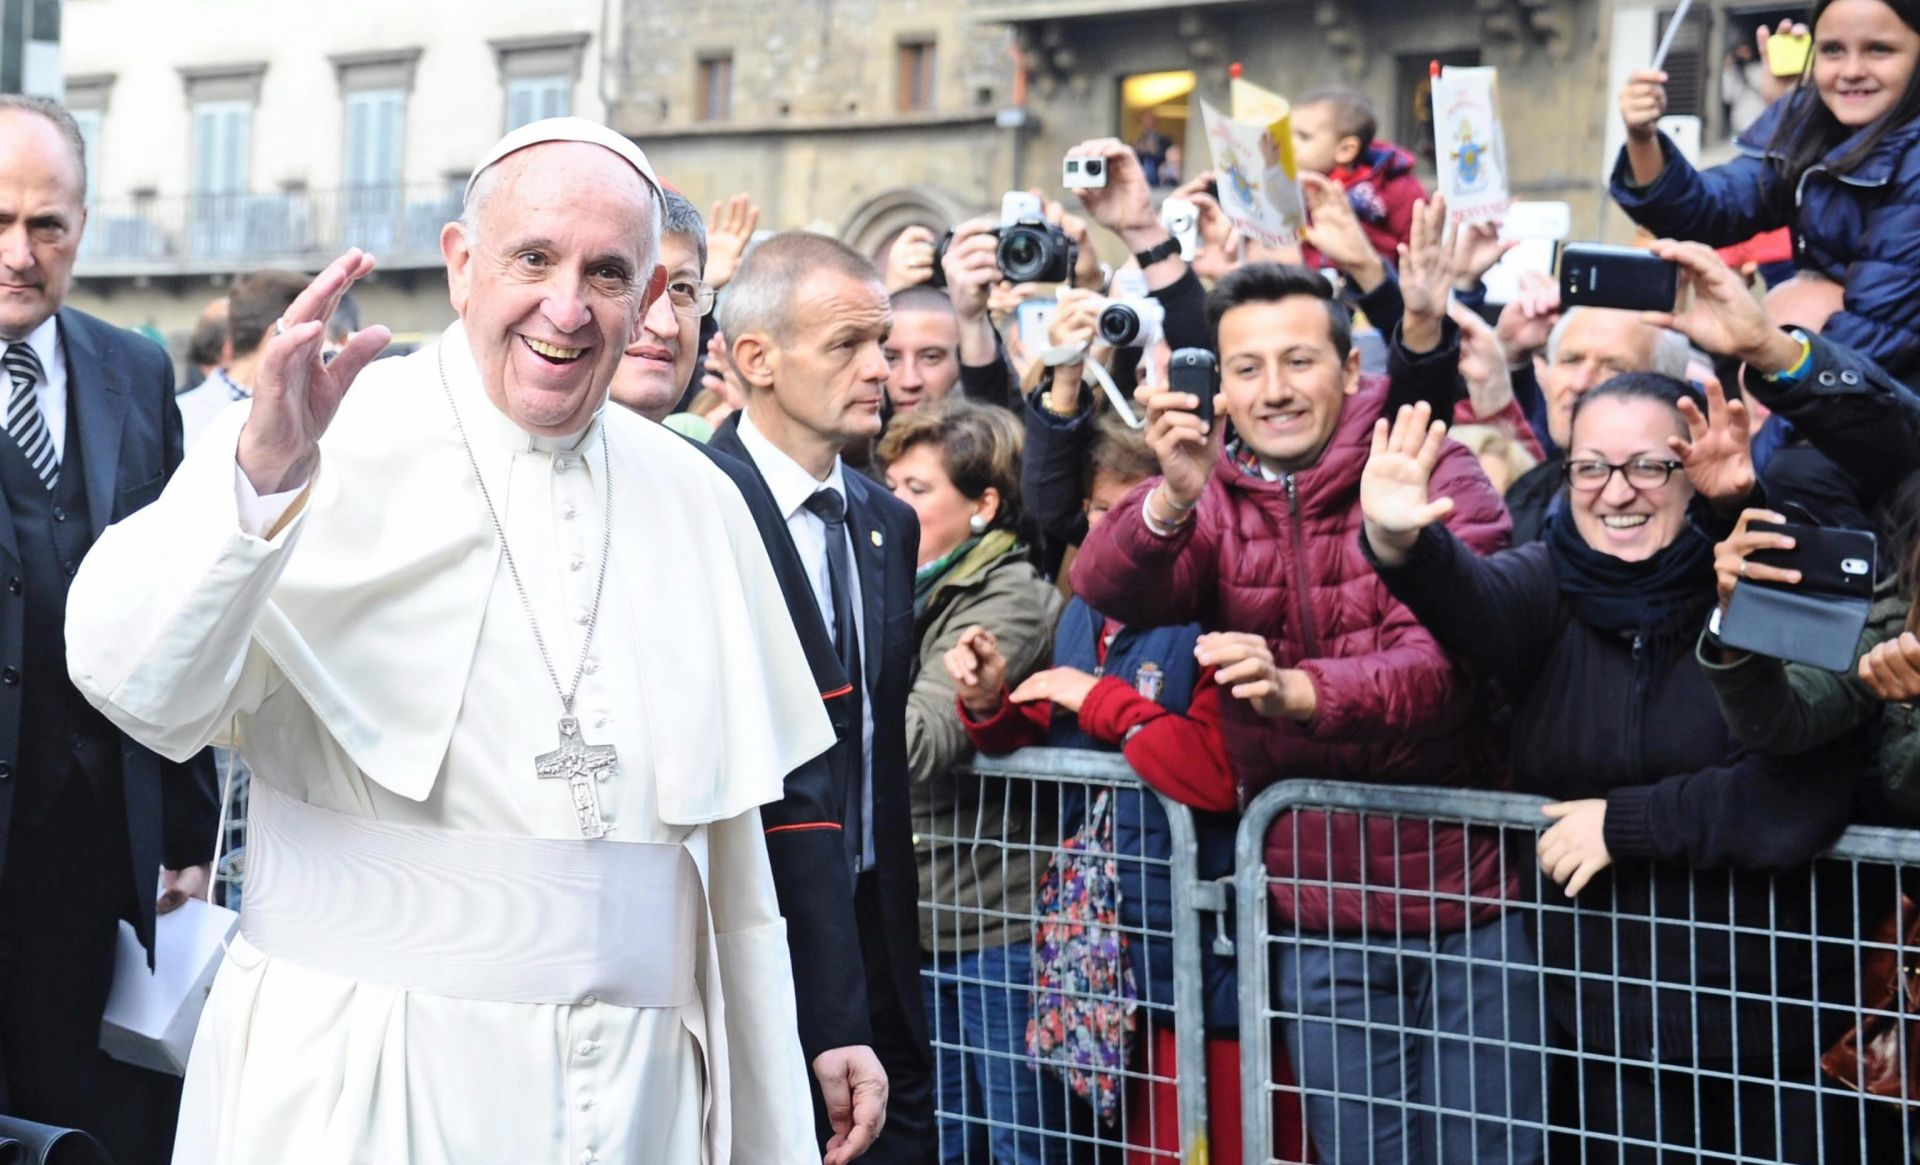 Papa u centru tekstilne industrije za dostojanstven rad, protiv izrabljivanja